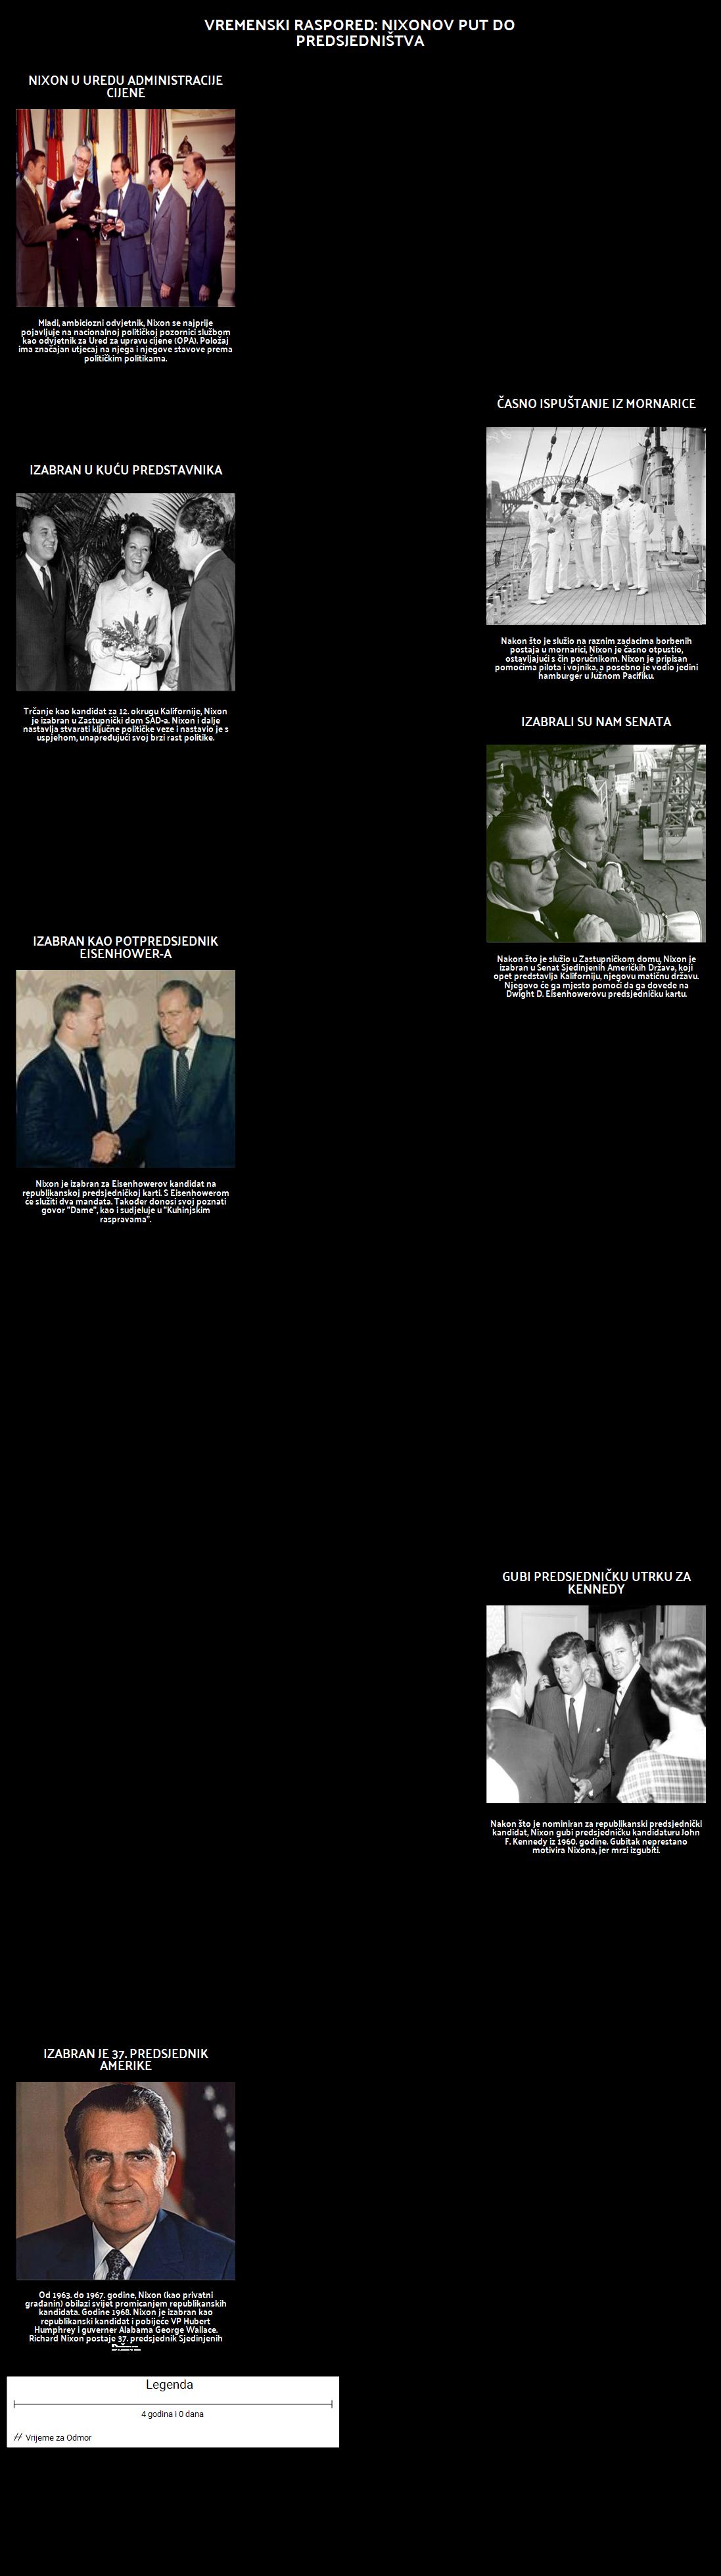 Vremenska Linija - Nixonov put u Predsjedništvo